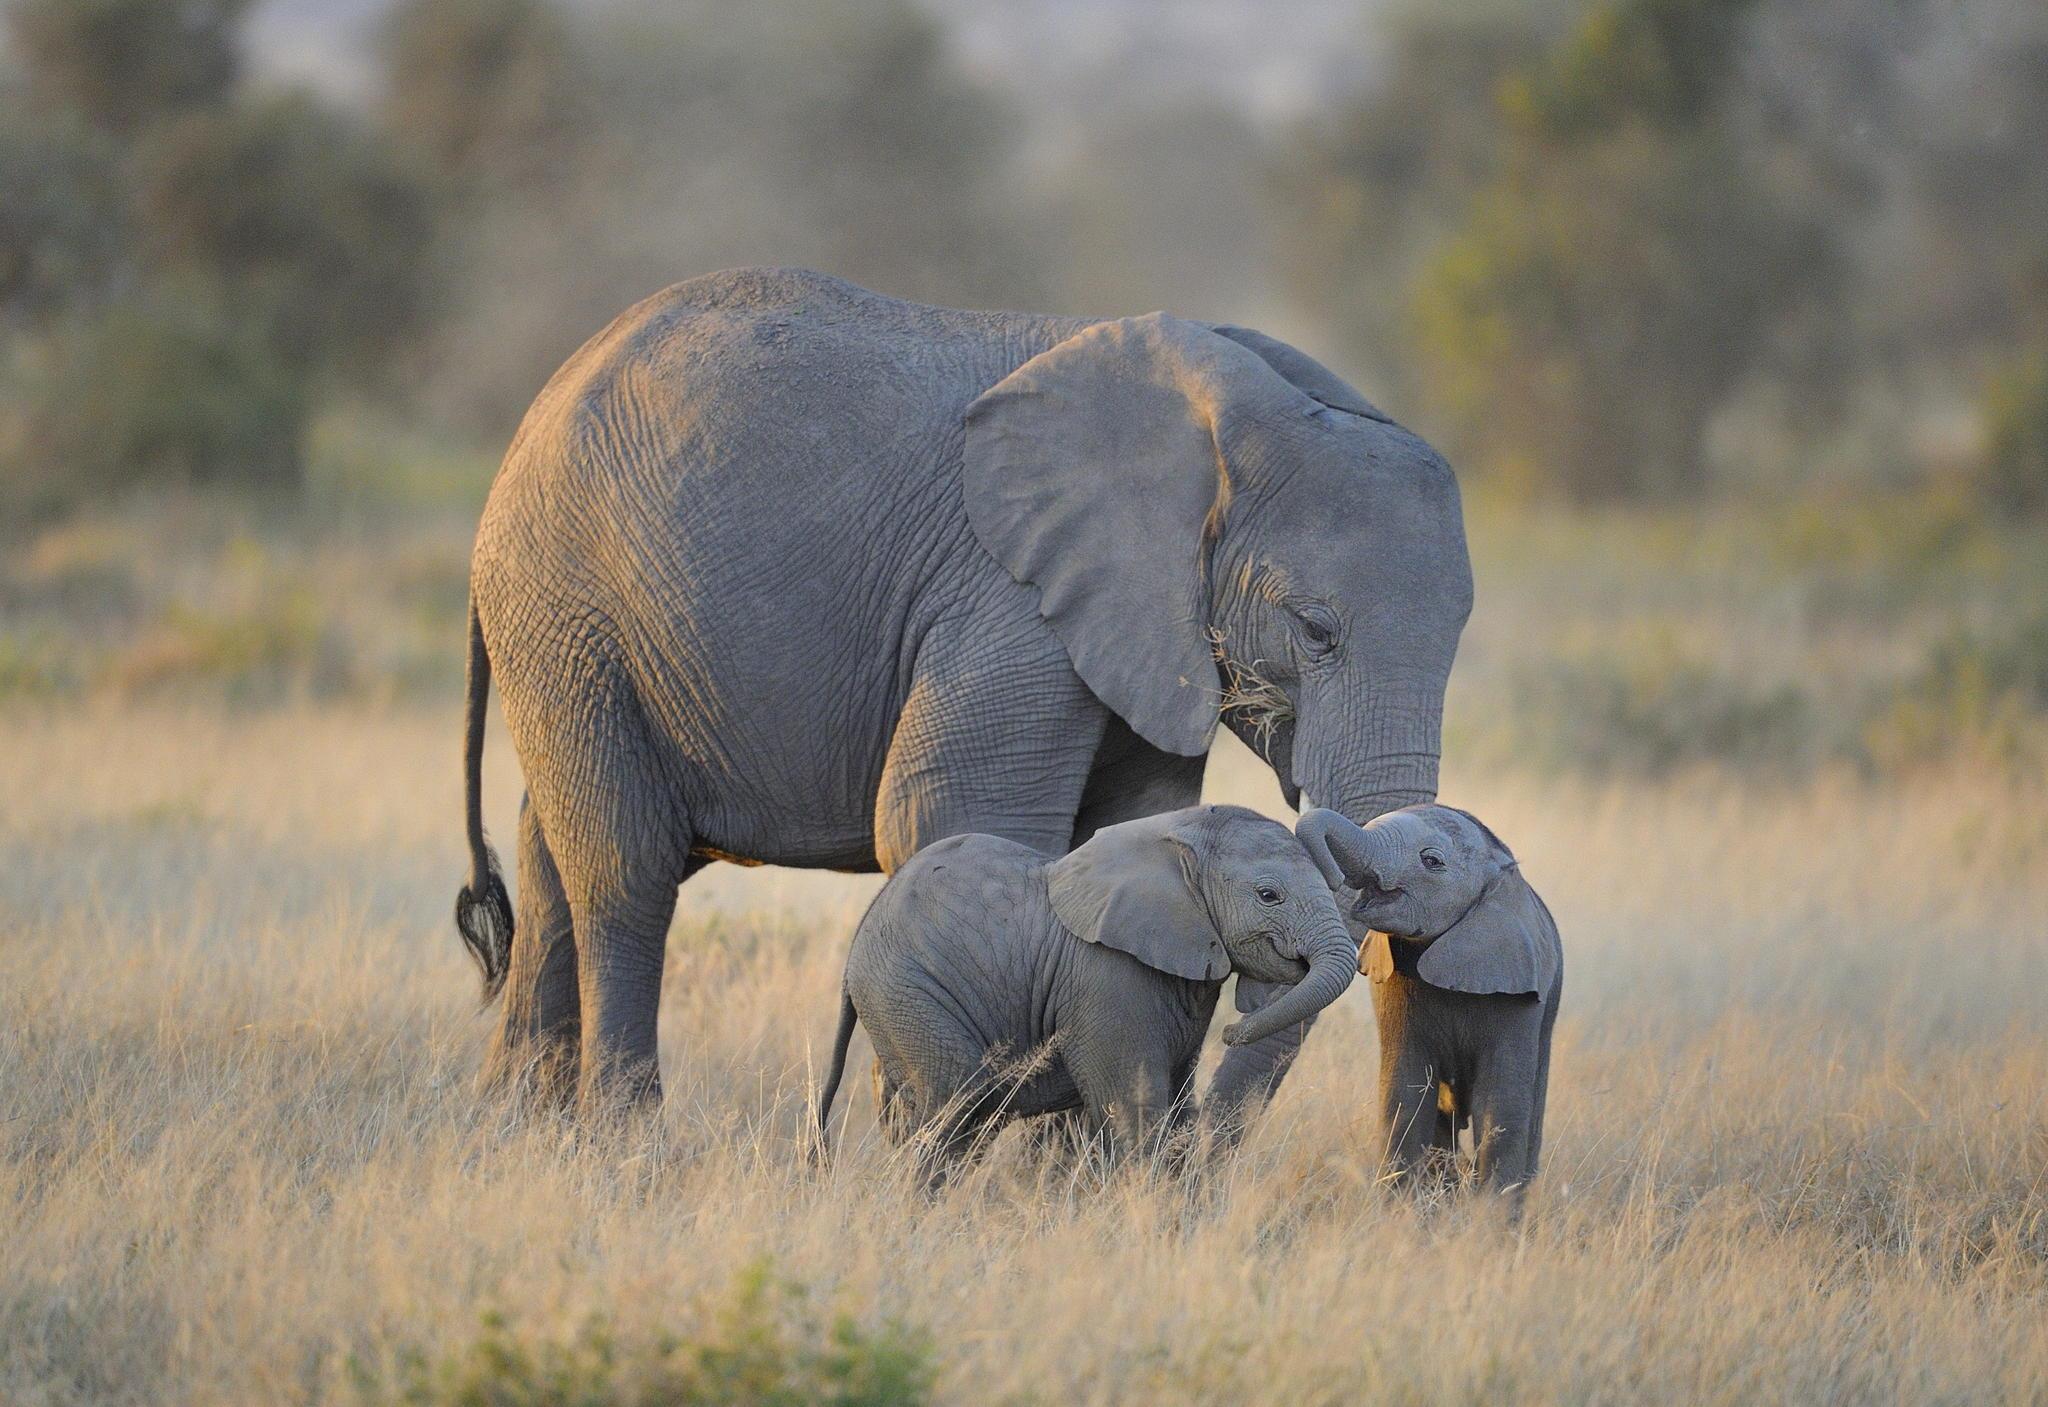 Слоновете в зоопарка на Варшава се хранят с медицински коноп срещу стрес